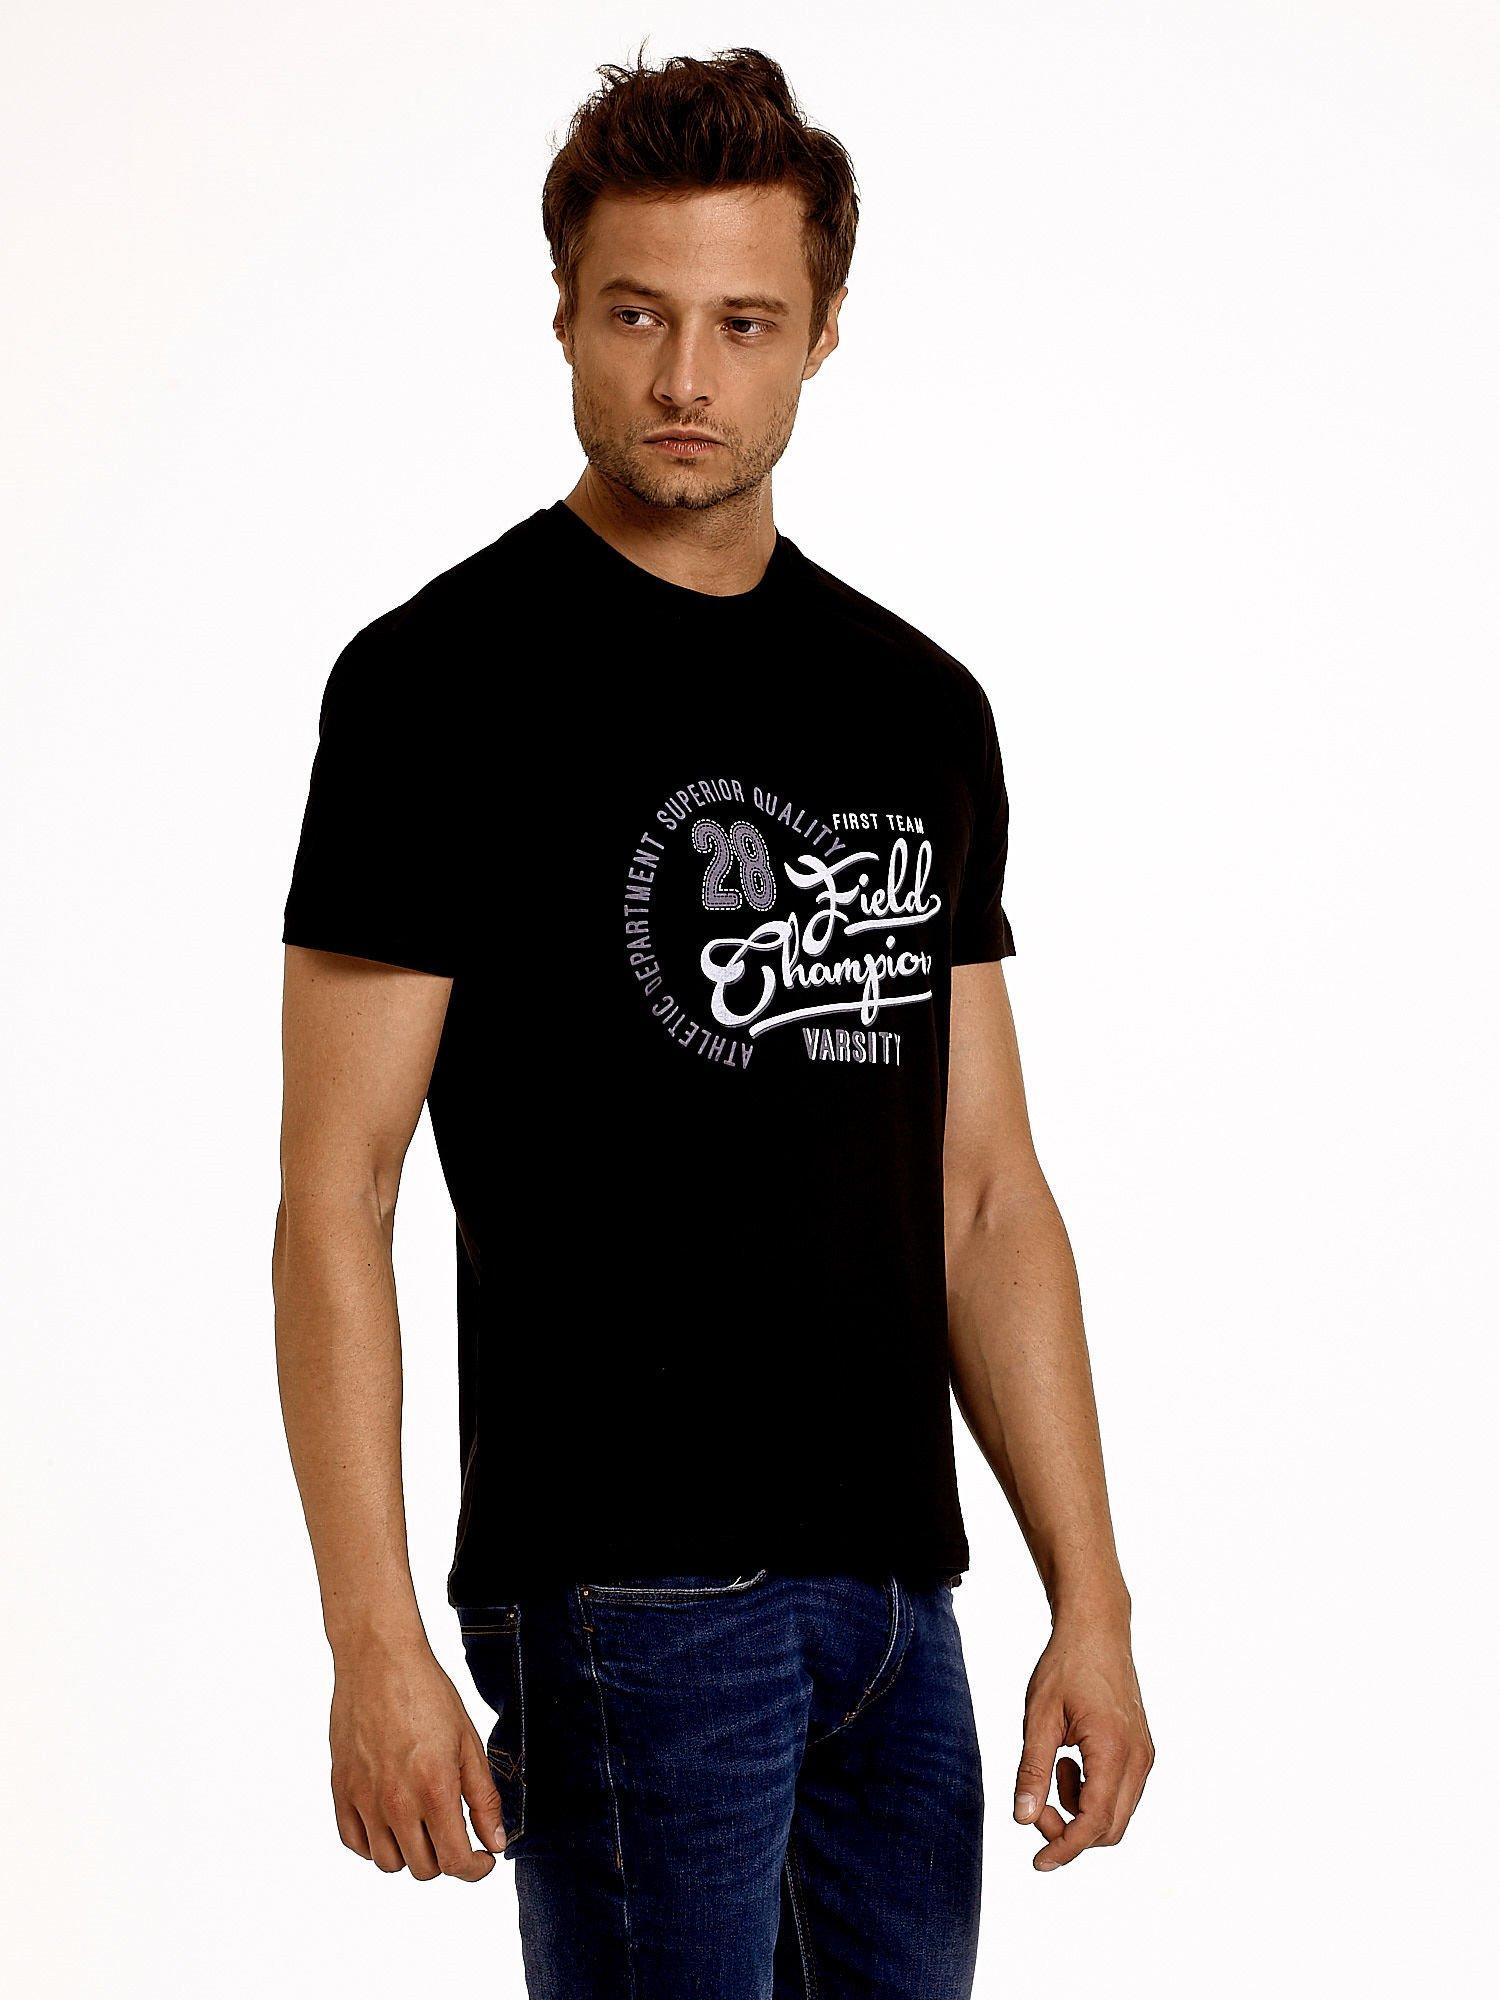 Czarny t-shirt męski z napisem CHAMPION i liczbą 28                                  zdj.                                  1